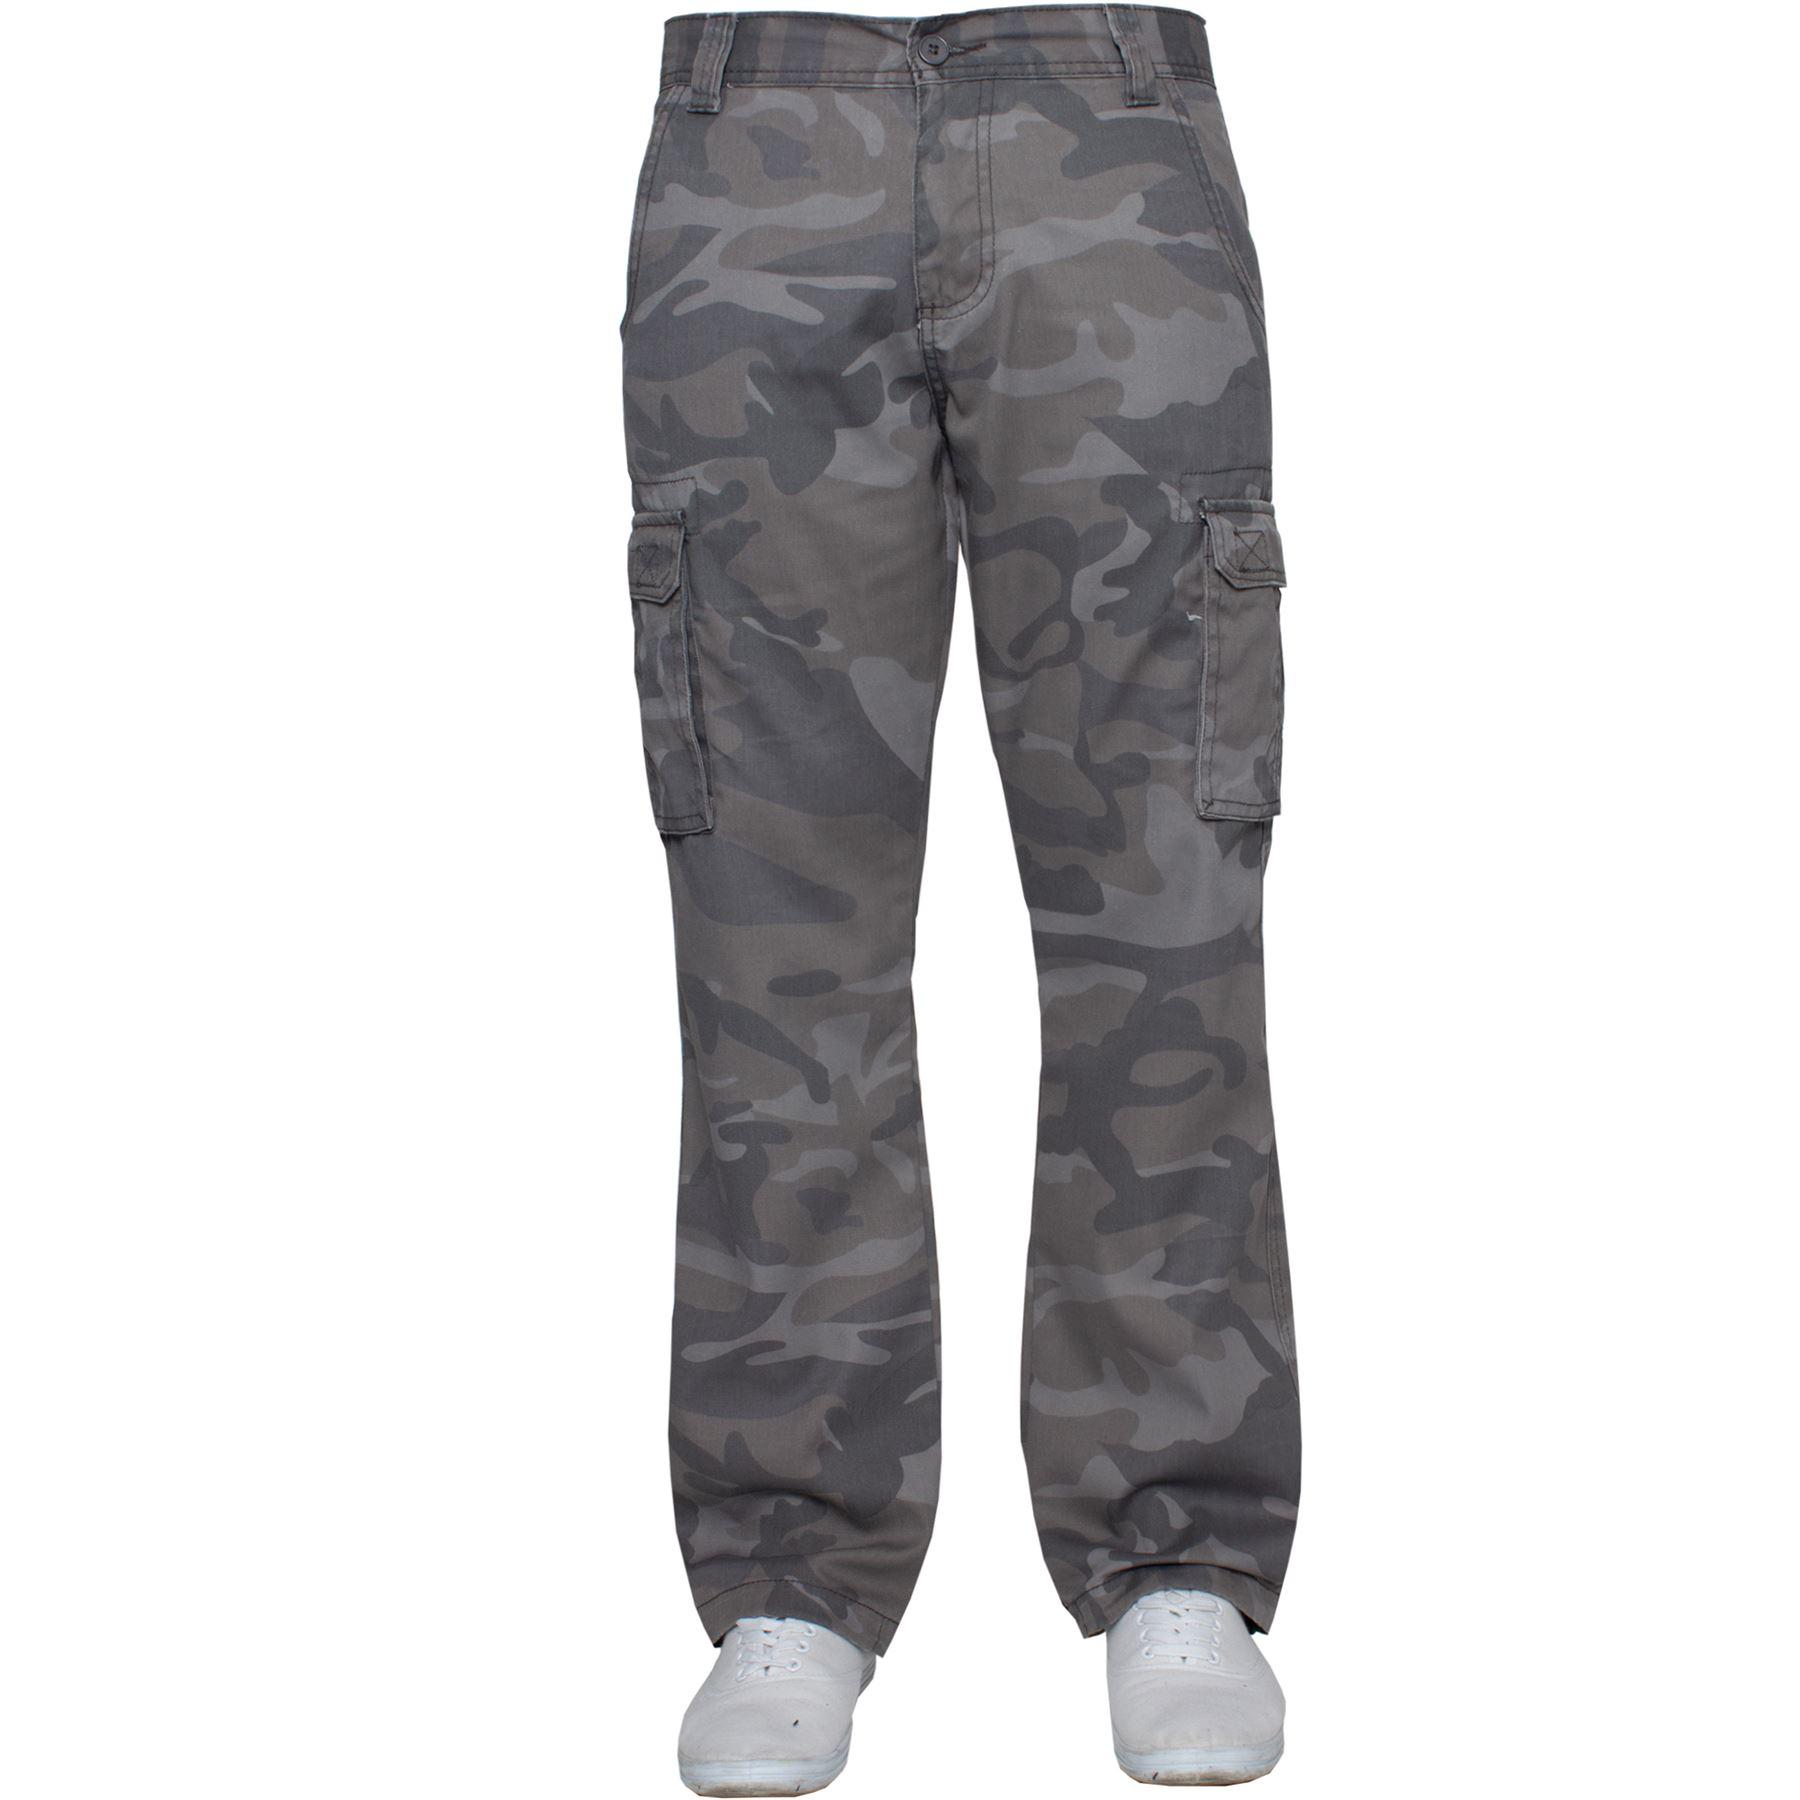 Kruze-Uomo-Militare-Pantaloni-Camouflage-Cargo-Mimetico-Casual-Lavoro miniatura 12